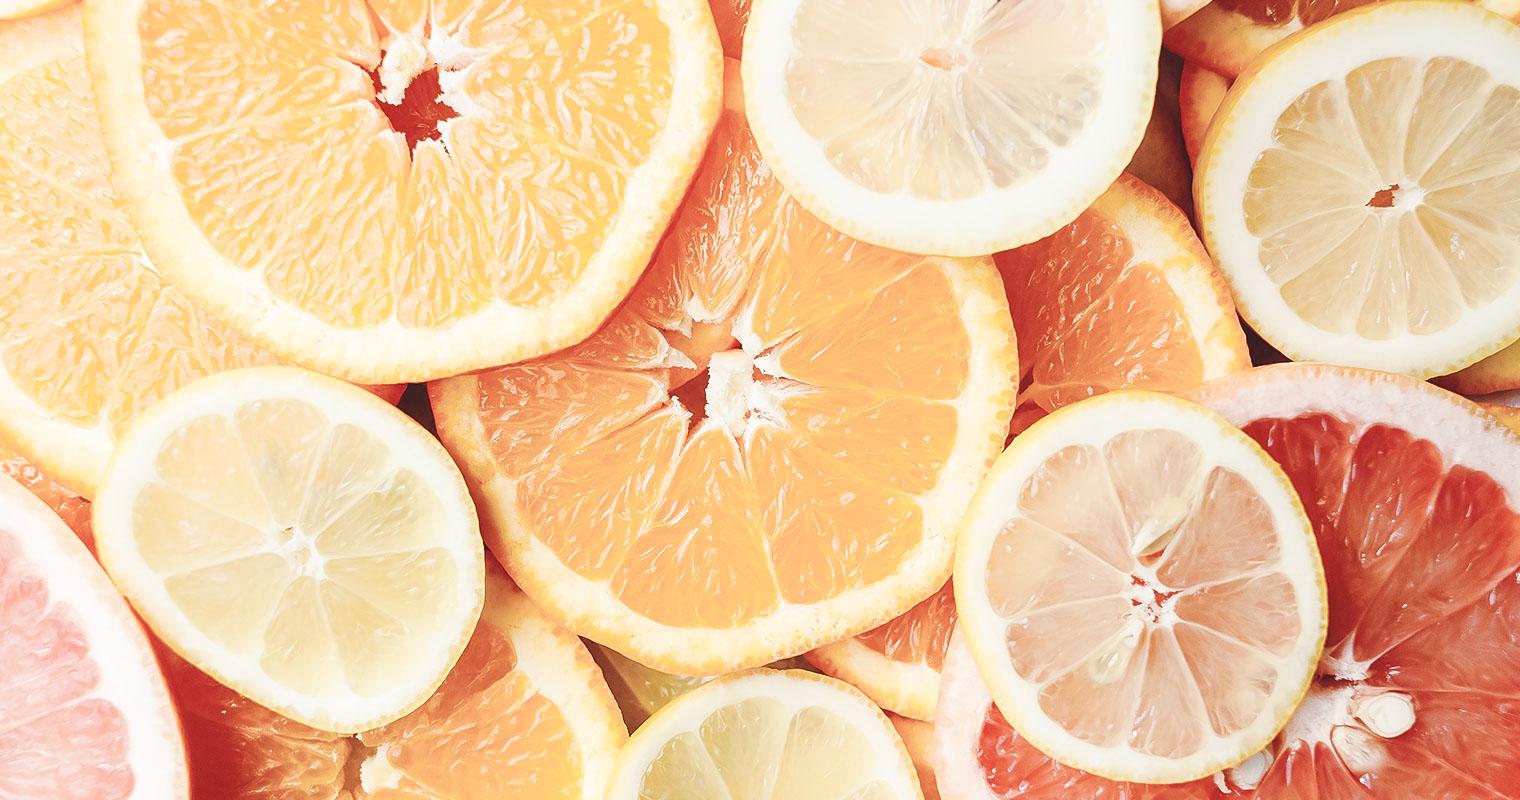 cut oranges with vitamins